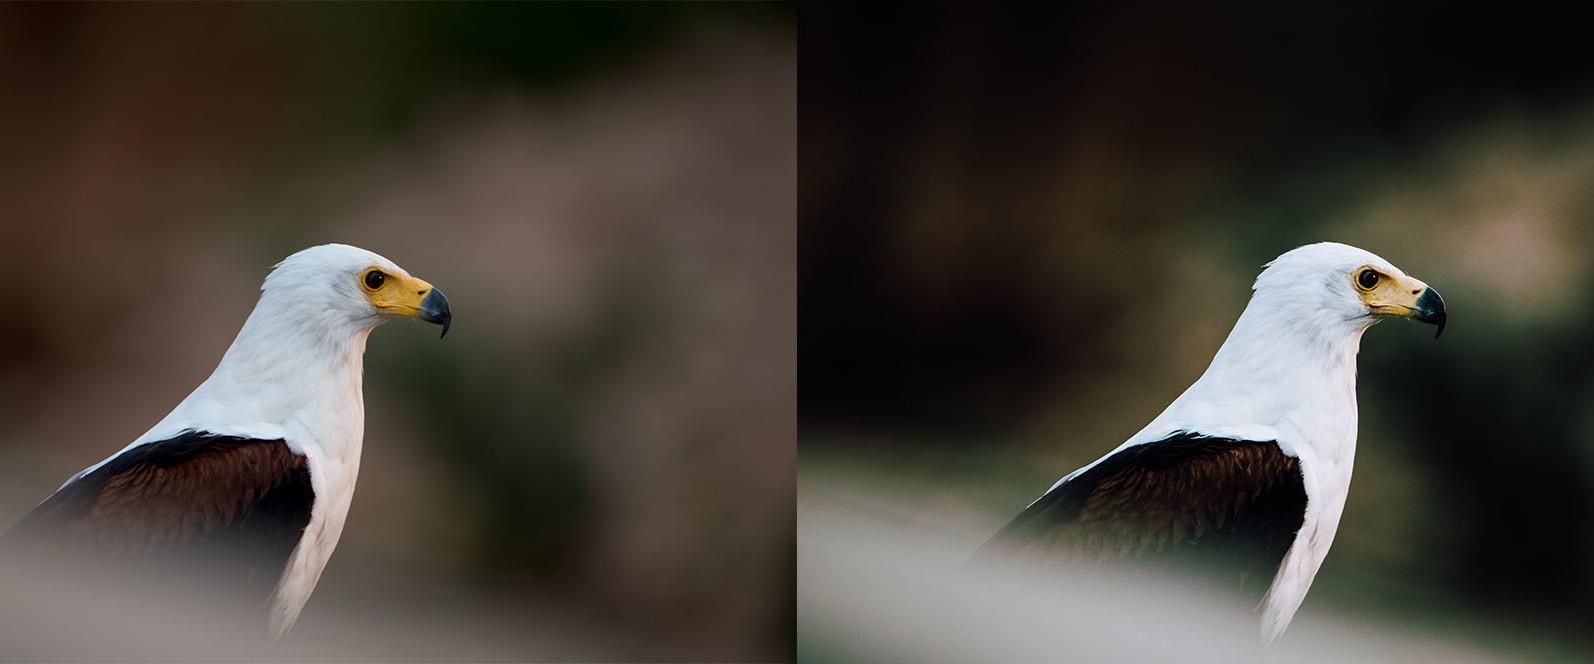 BUNDLE /// 281 x Lightroom Presets for Desktop // 24 Packs // Desktop and Mobile - 9 Birds 1 -